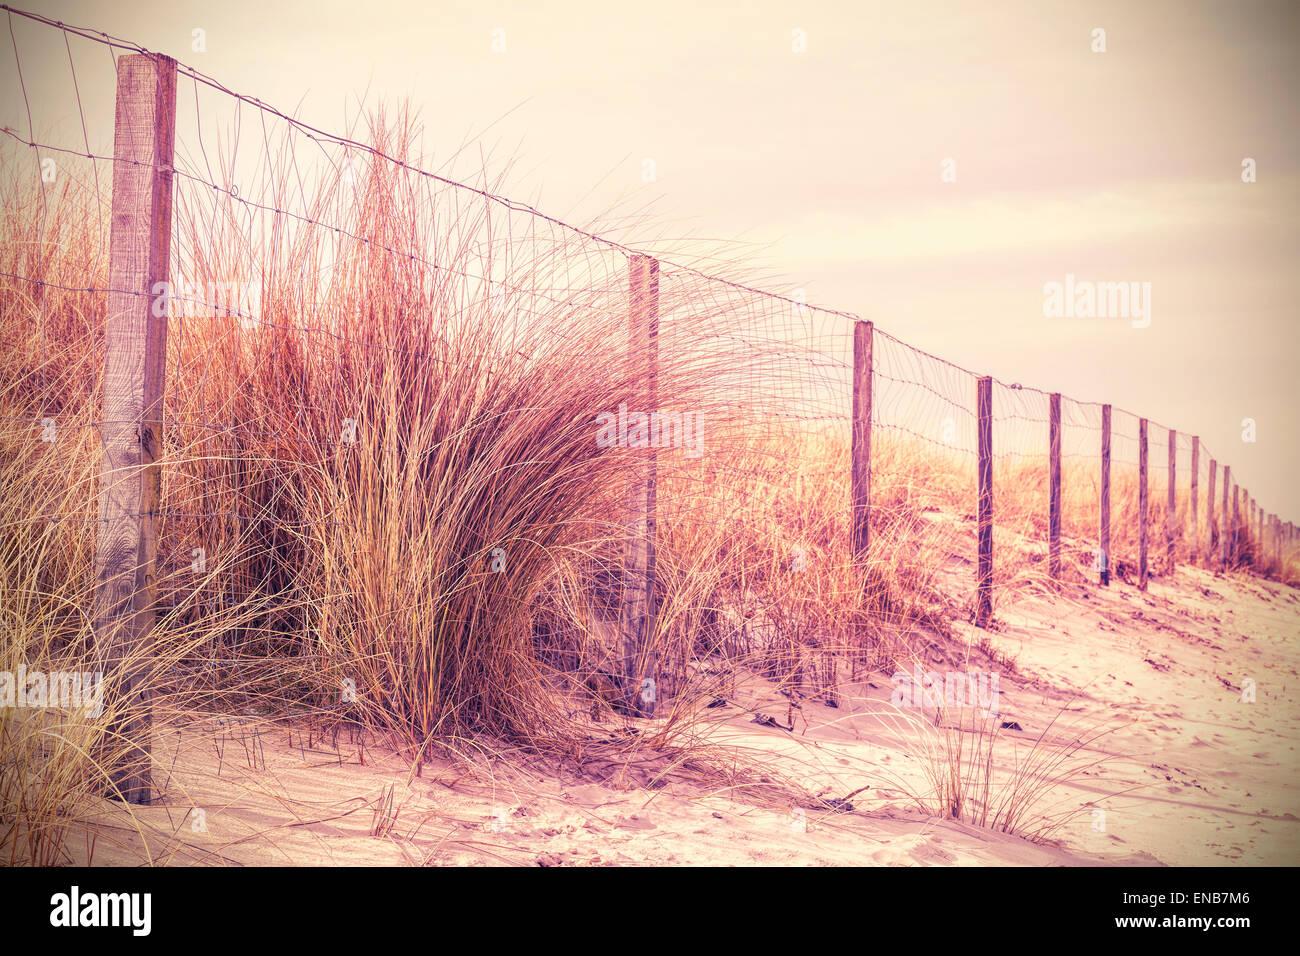 Vintage Retro-gefilterte Foto der Zaun auf einer Düne, Natur Hintergrund. Stockbild